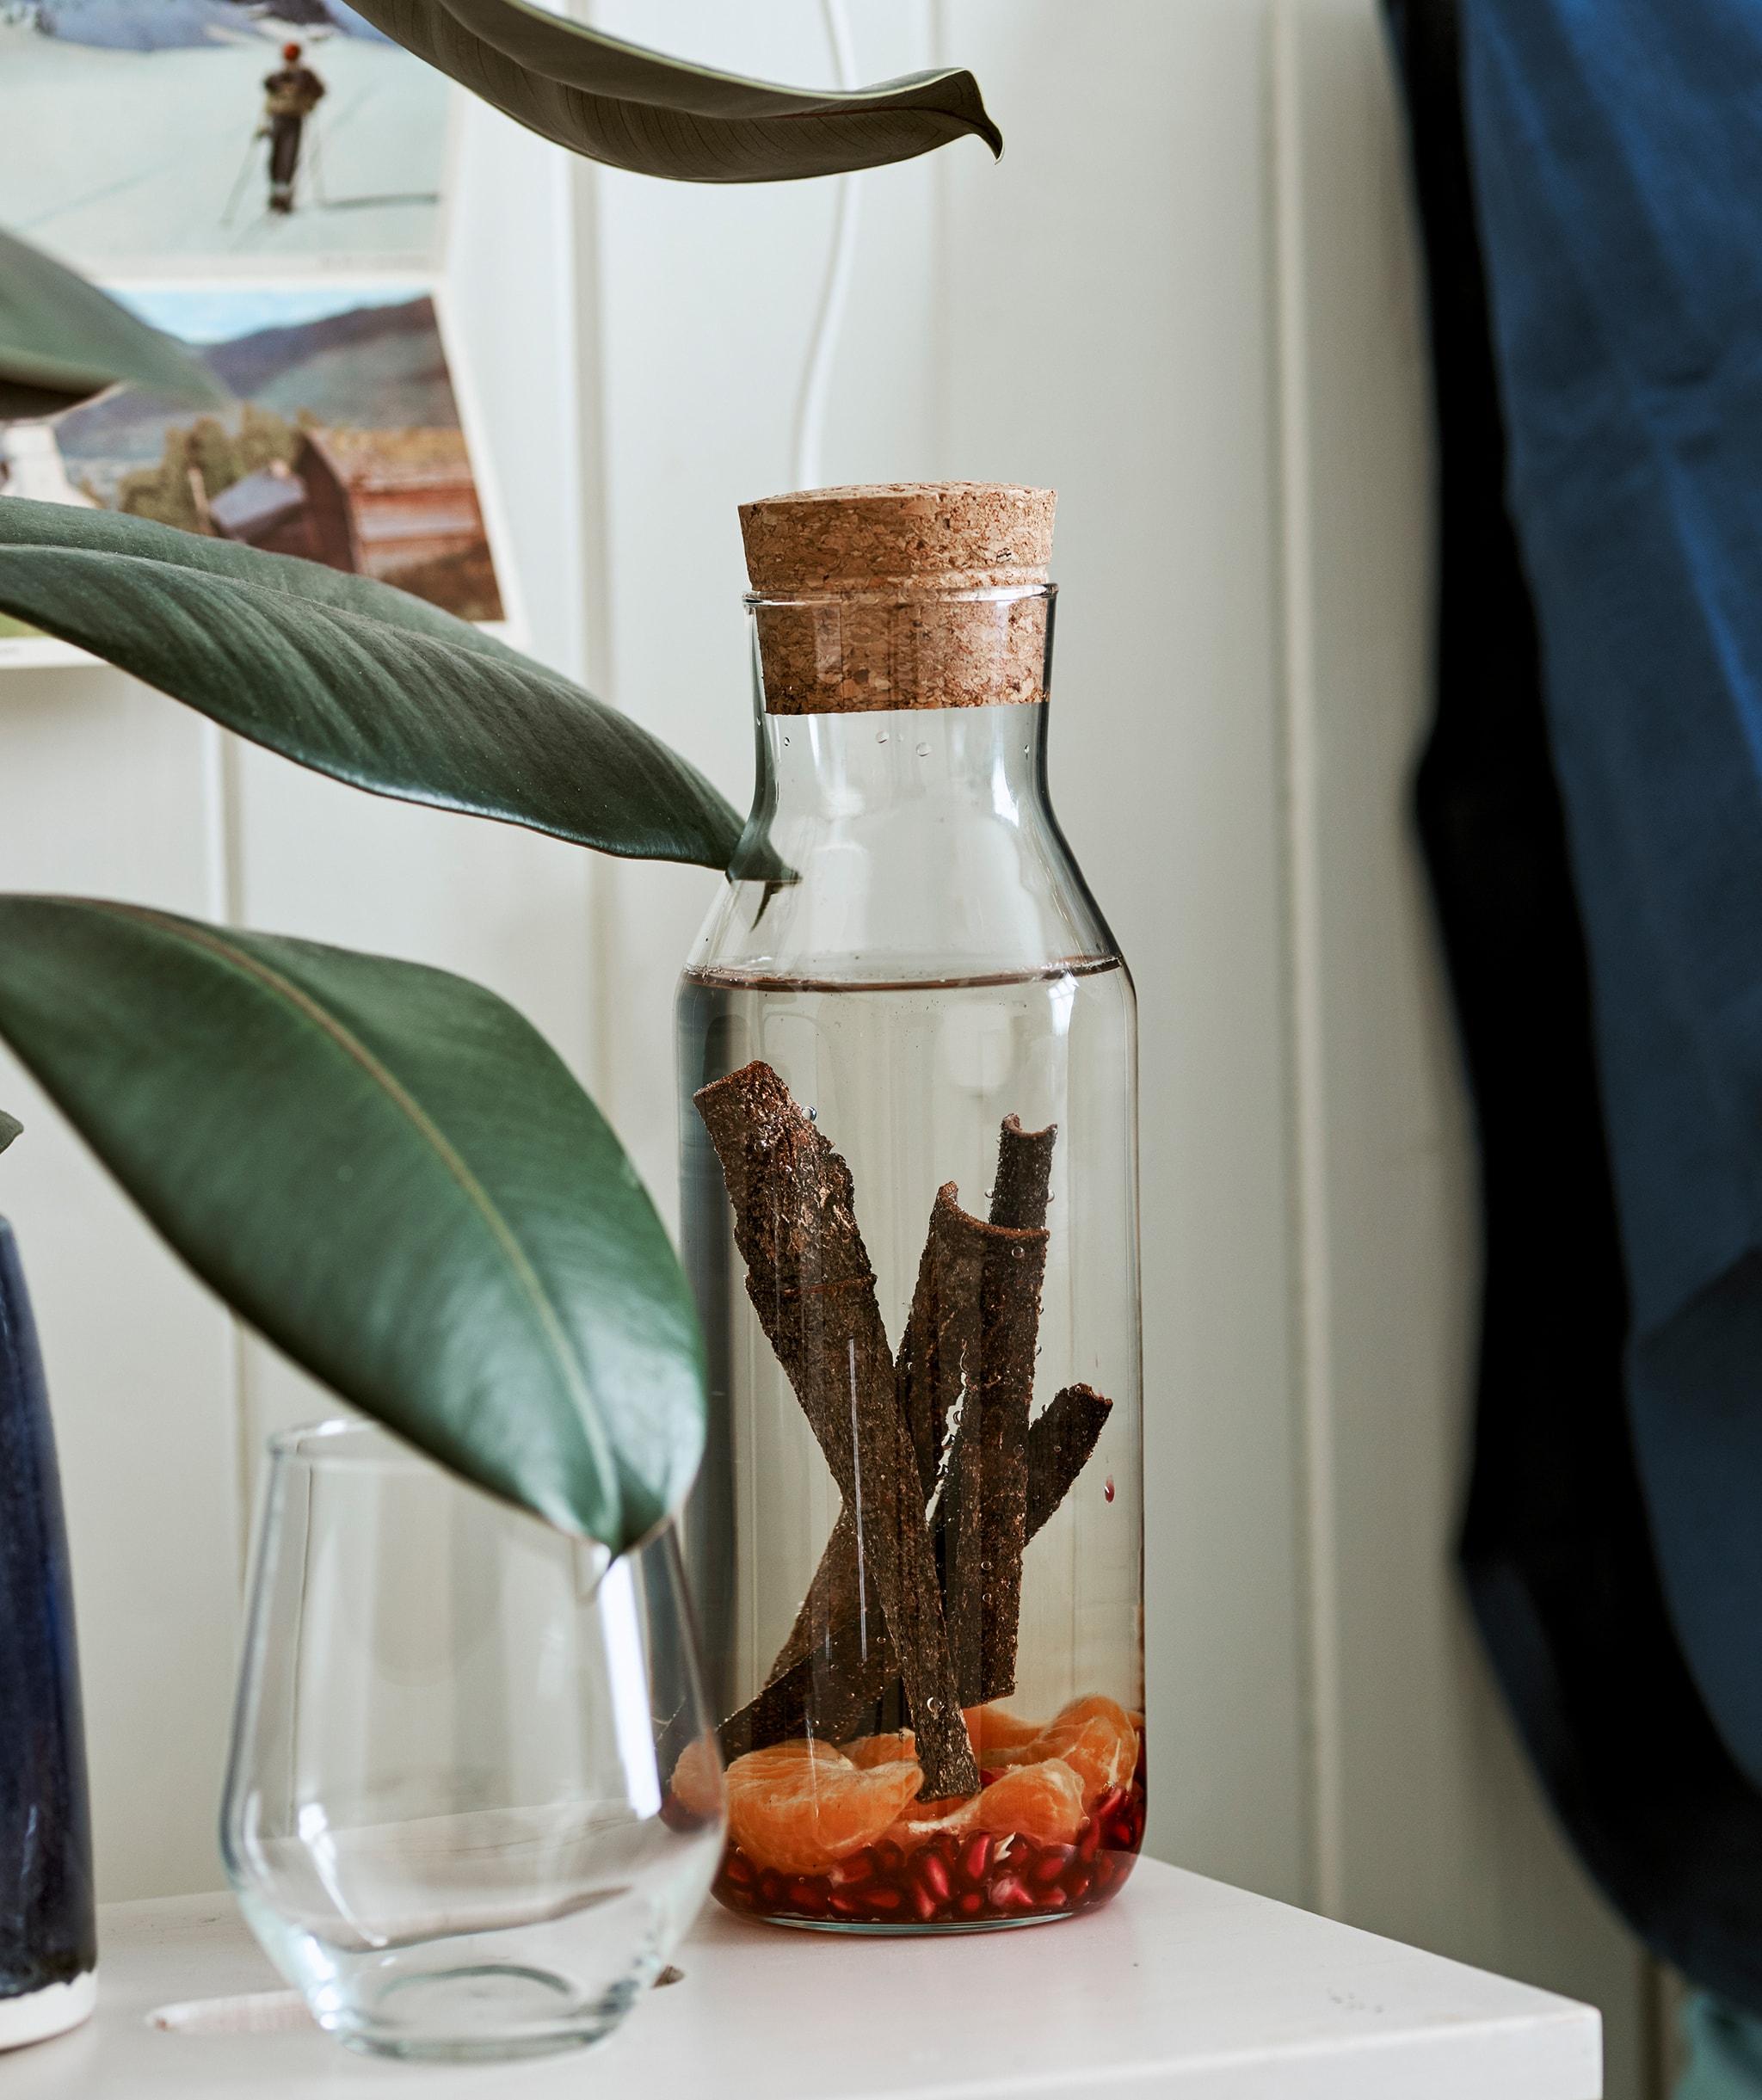 Satu gelas karafe dengan sumbat gabus diisi dengan air yang berisi batang kayu manis dan buah, di samping sebuah gelas minum.